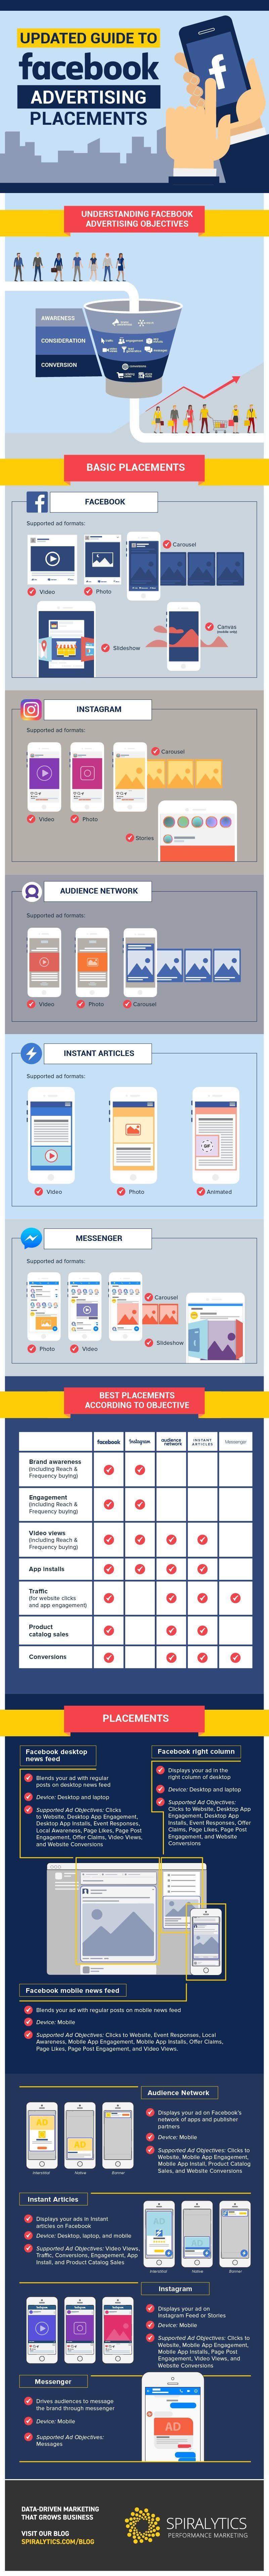 Guía actualizada sobre los mejores formatos publicitarios en Facebook